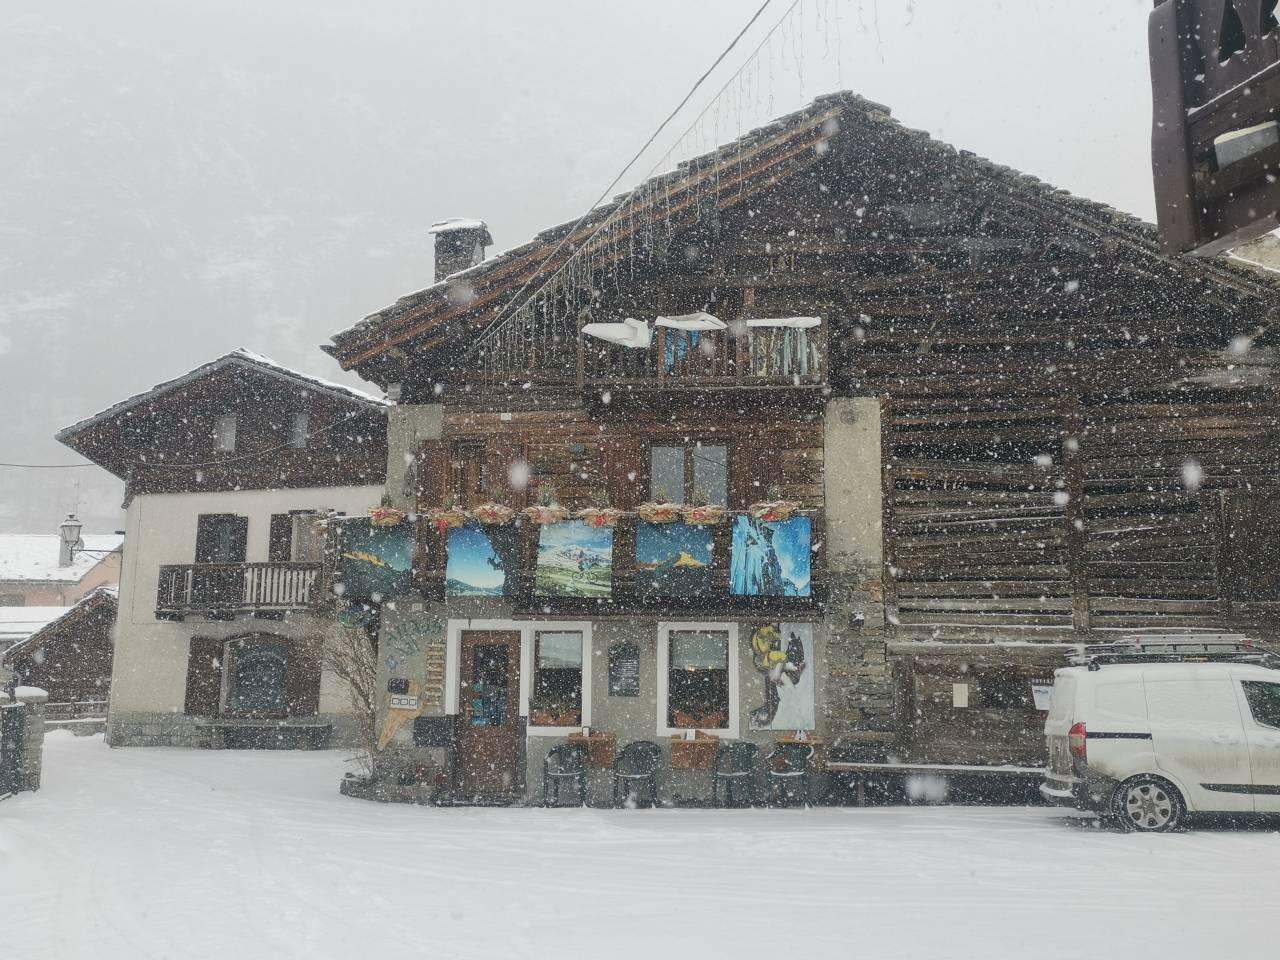 Neve in arrivo su Alpi e Appennino